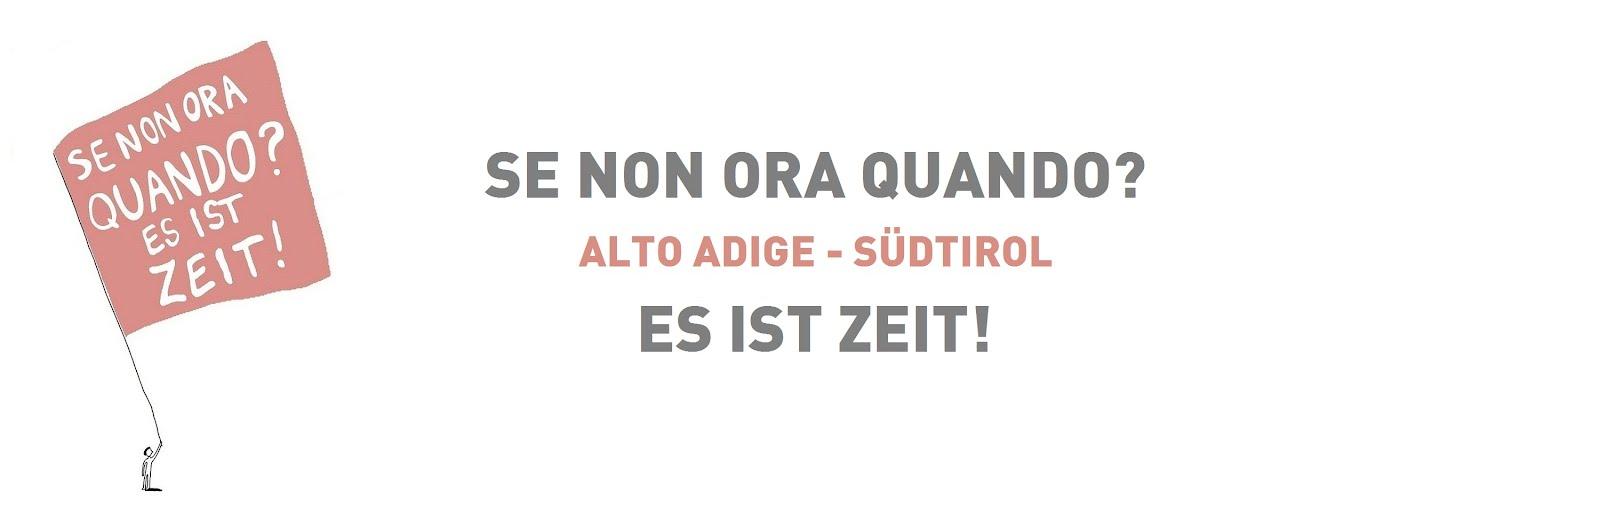 Se non ora Quando? Es ist Zeit! / Alto Adige - Südtirol